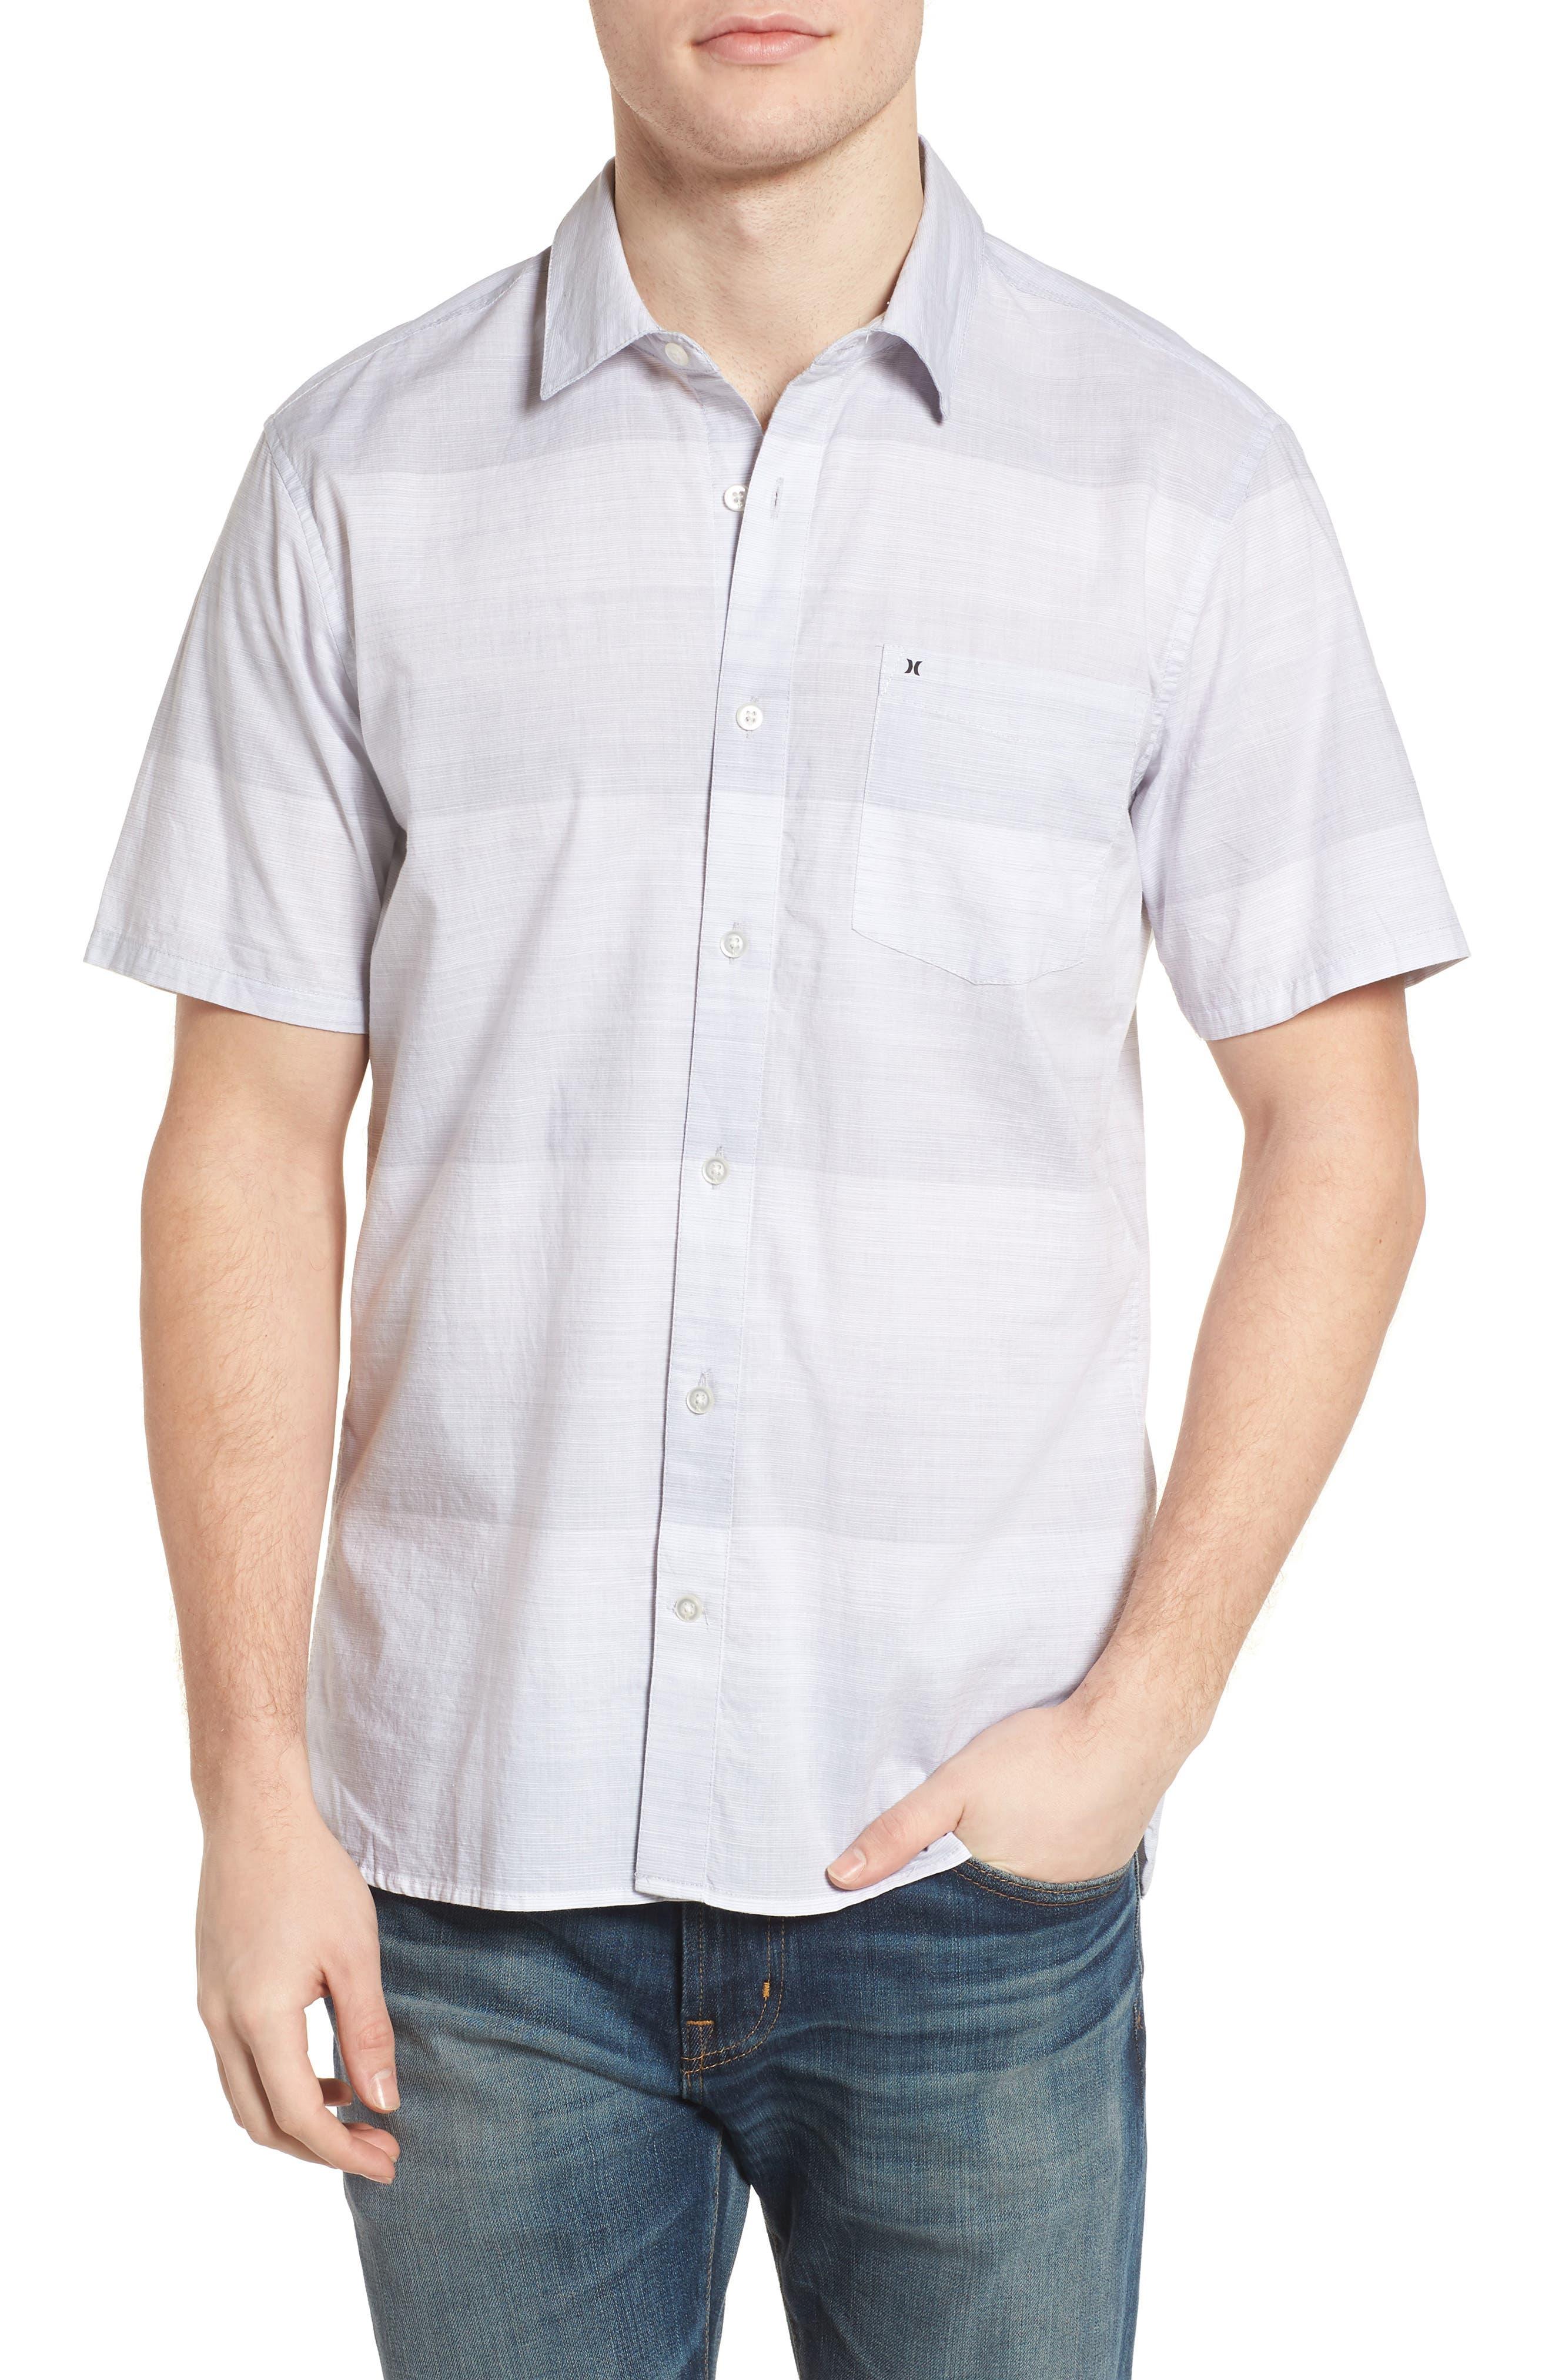 Morris Shirt,                             Main thumbnail 1, color,                             WOLF GREY